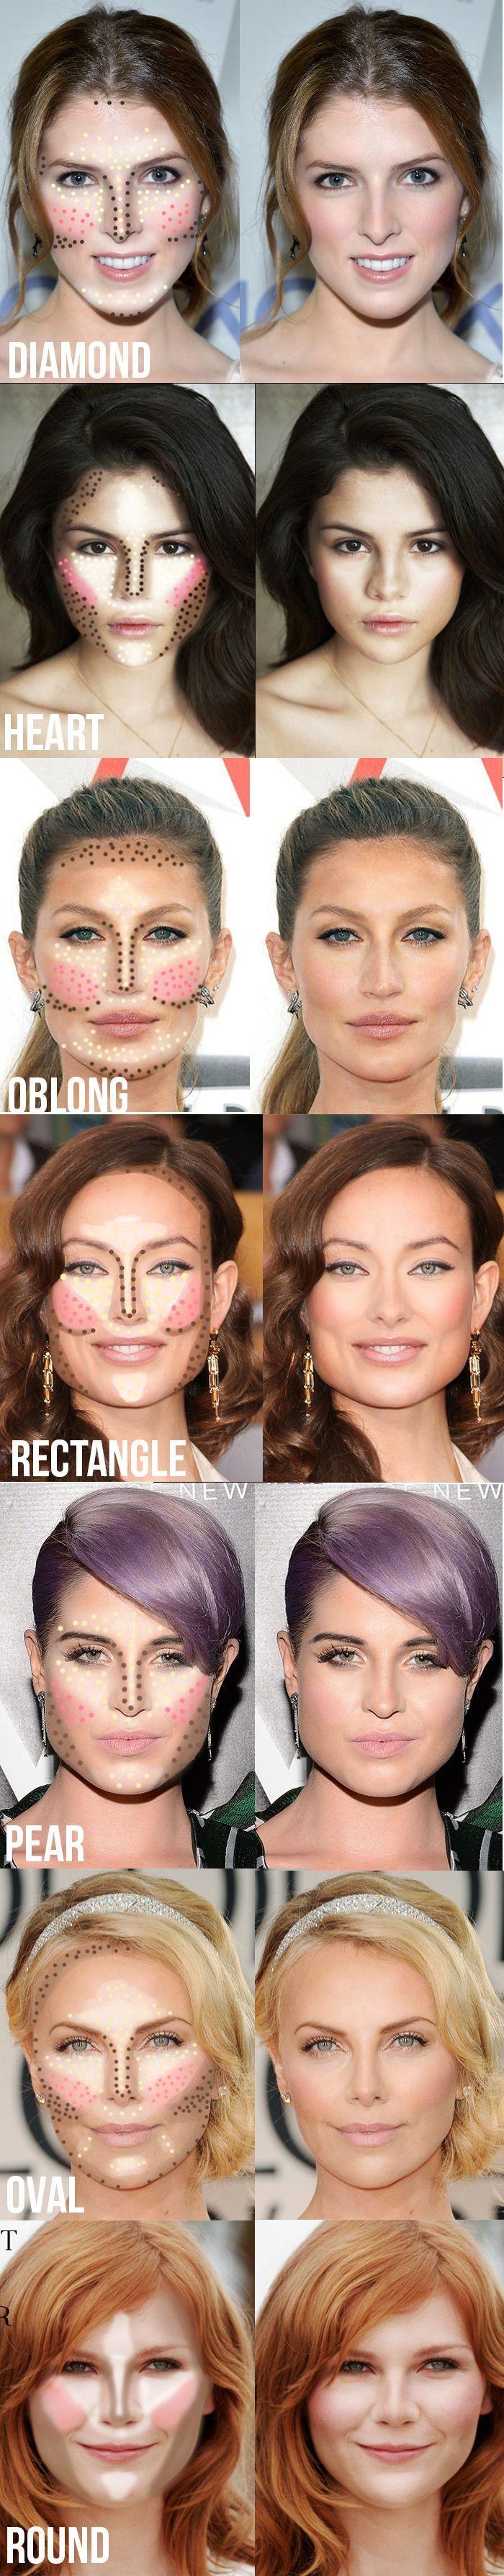 El contouring se impone como una de las técnicas de maquillaje más coñazo de la historia. Te contamos cómo hacerlo y por qué nos parece un rollo.